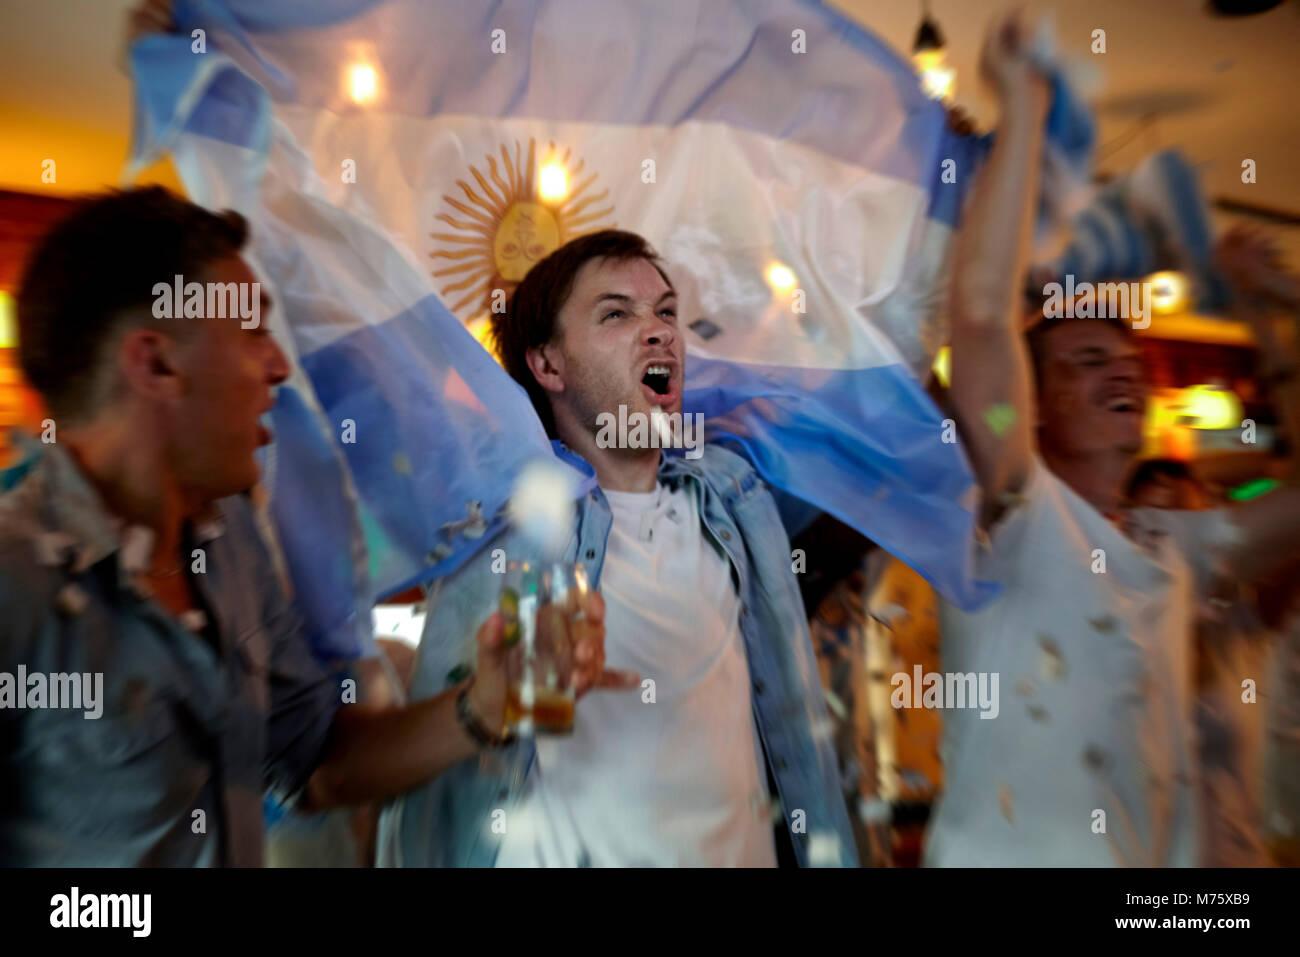 Il calcio argentino ventole celebrando in bar Immagini Stock